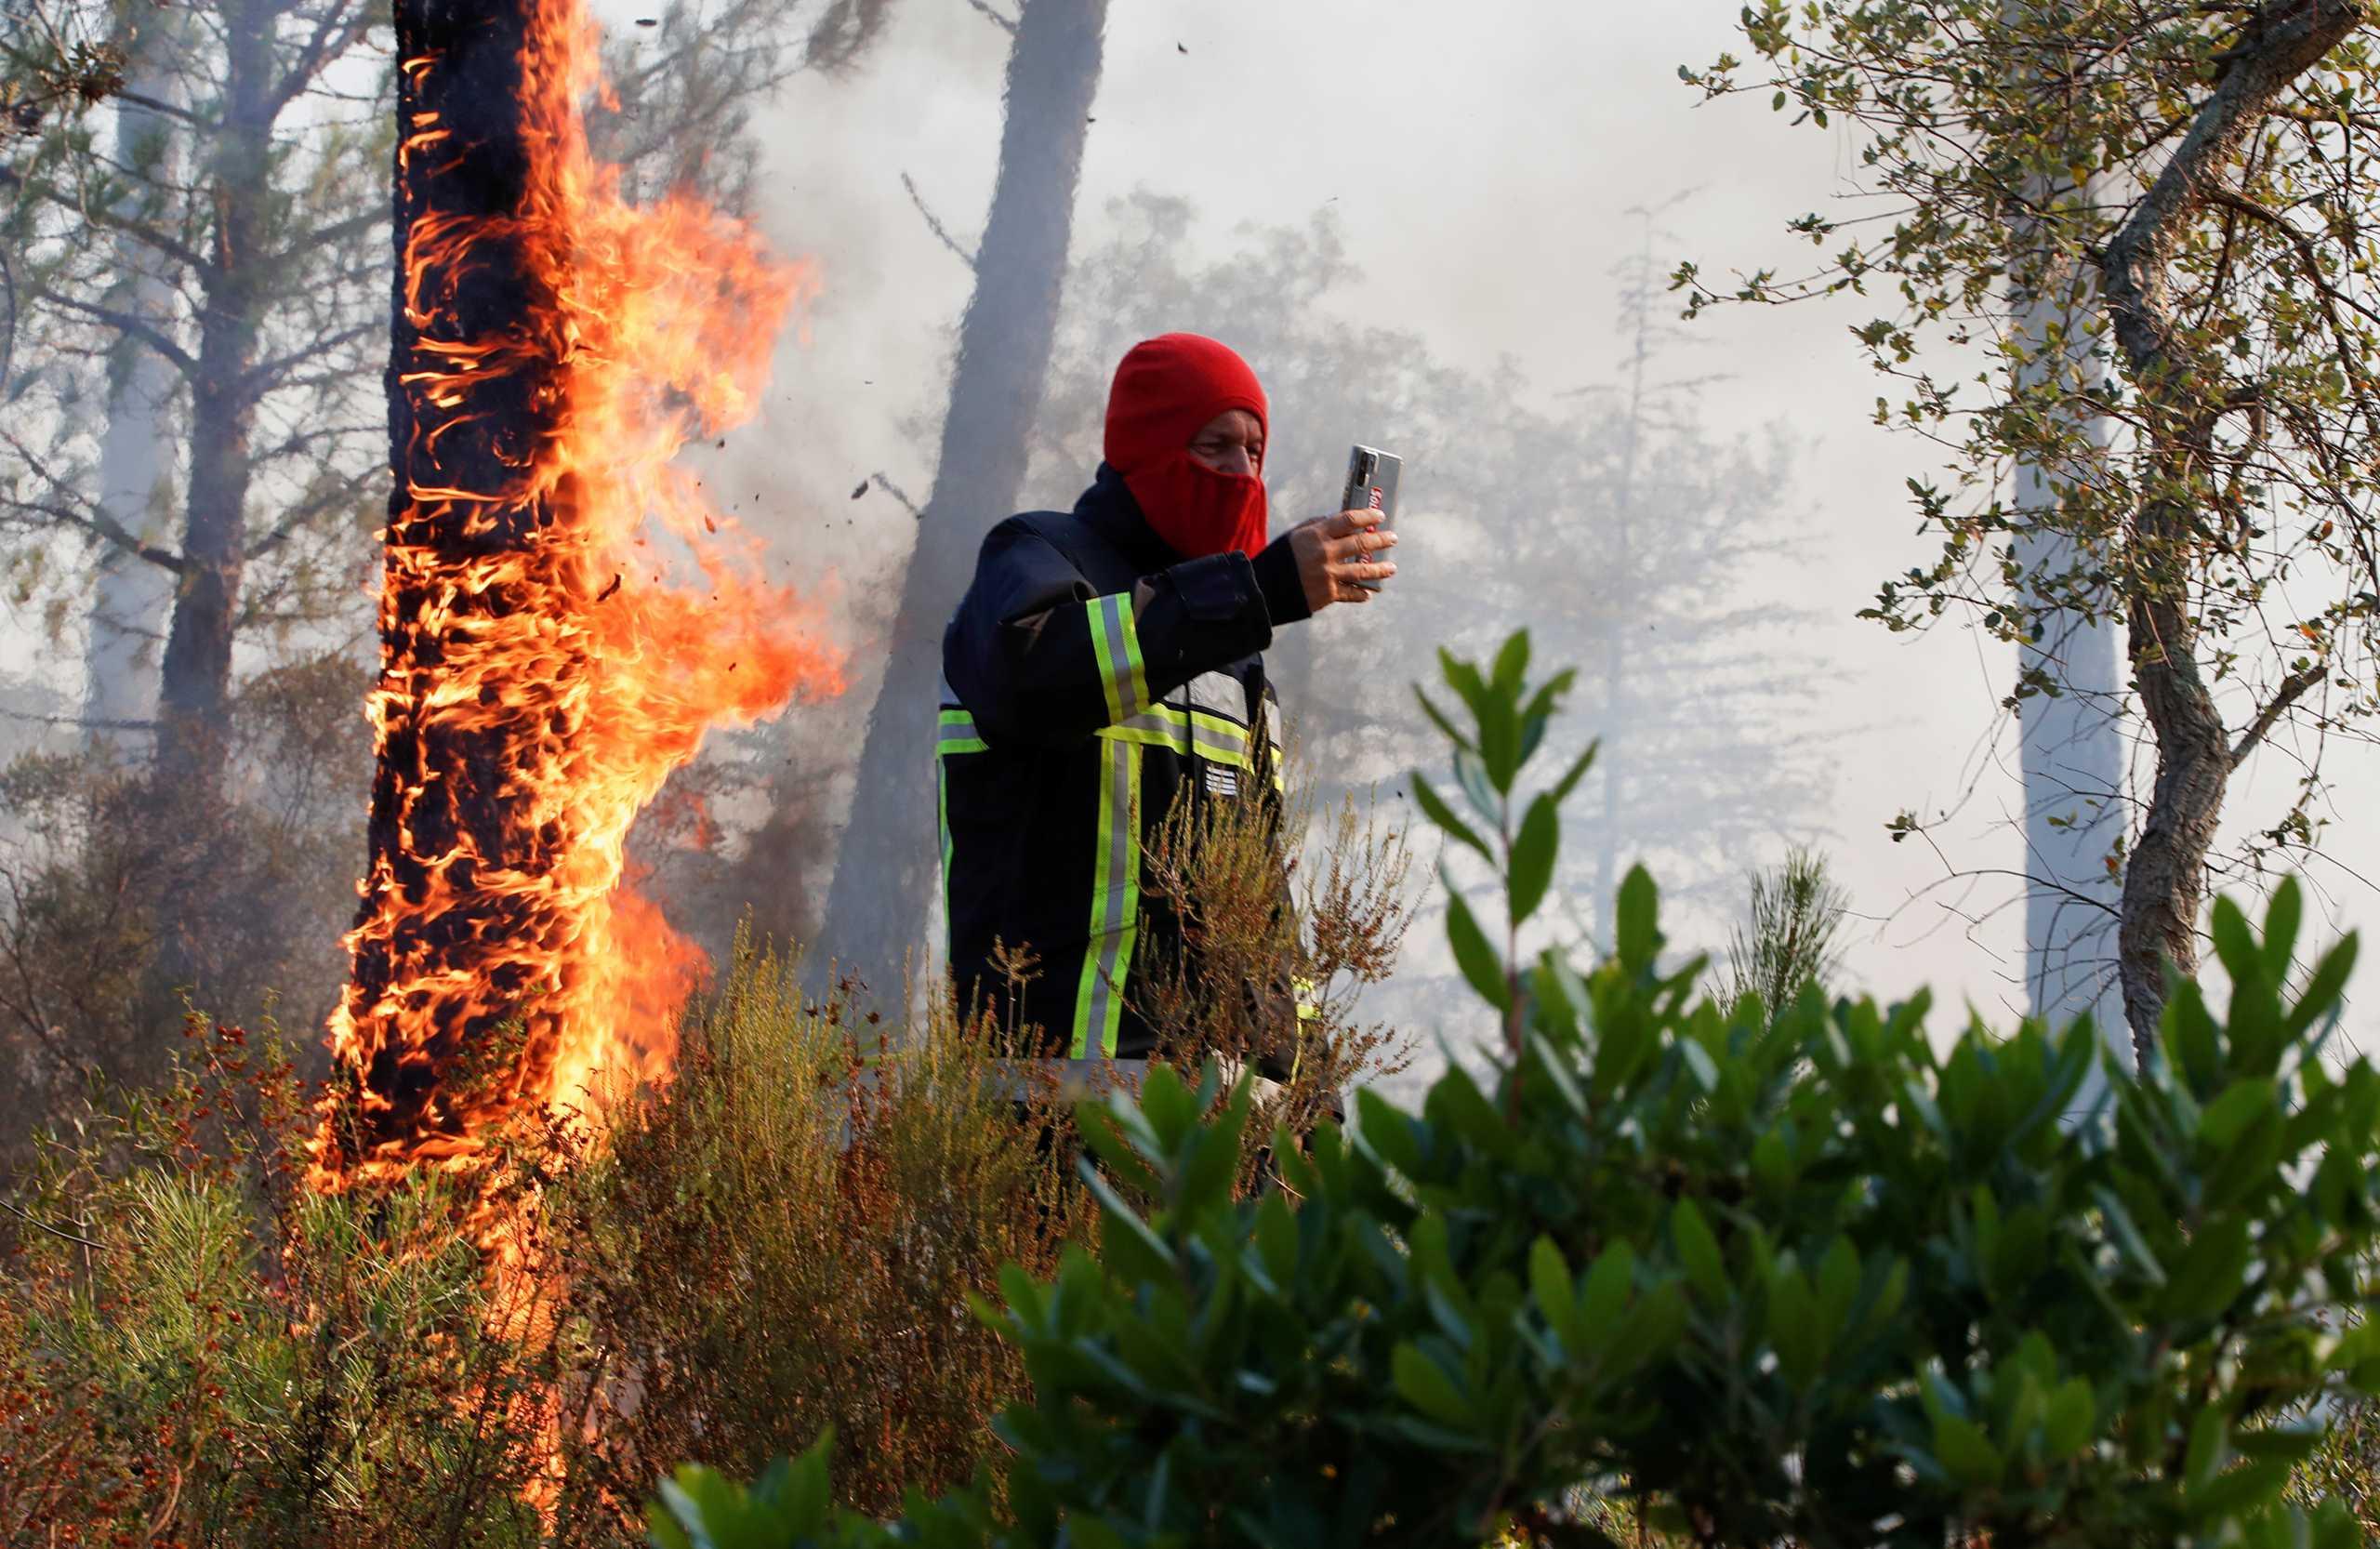 Φωτιές – Γαλλία: Νεκροί στο φλεγόμενο θέρετρο της Κυανής Ακτής κοντά στο Σεν Τροπέ